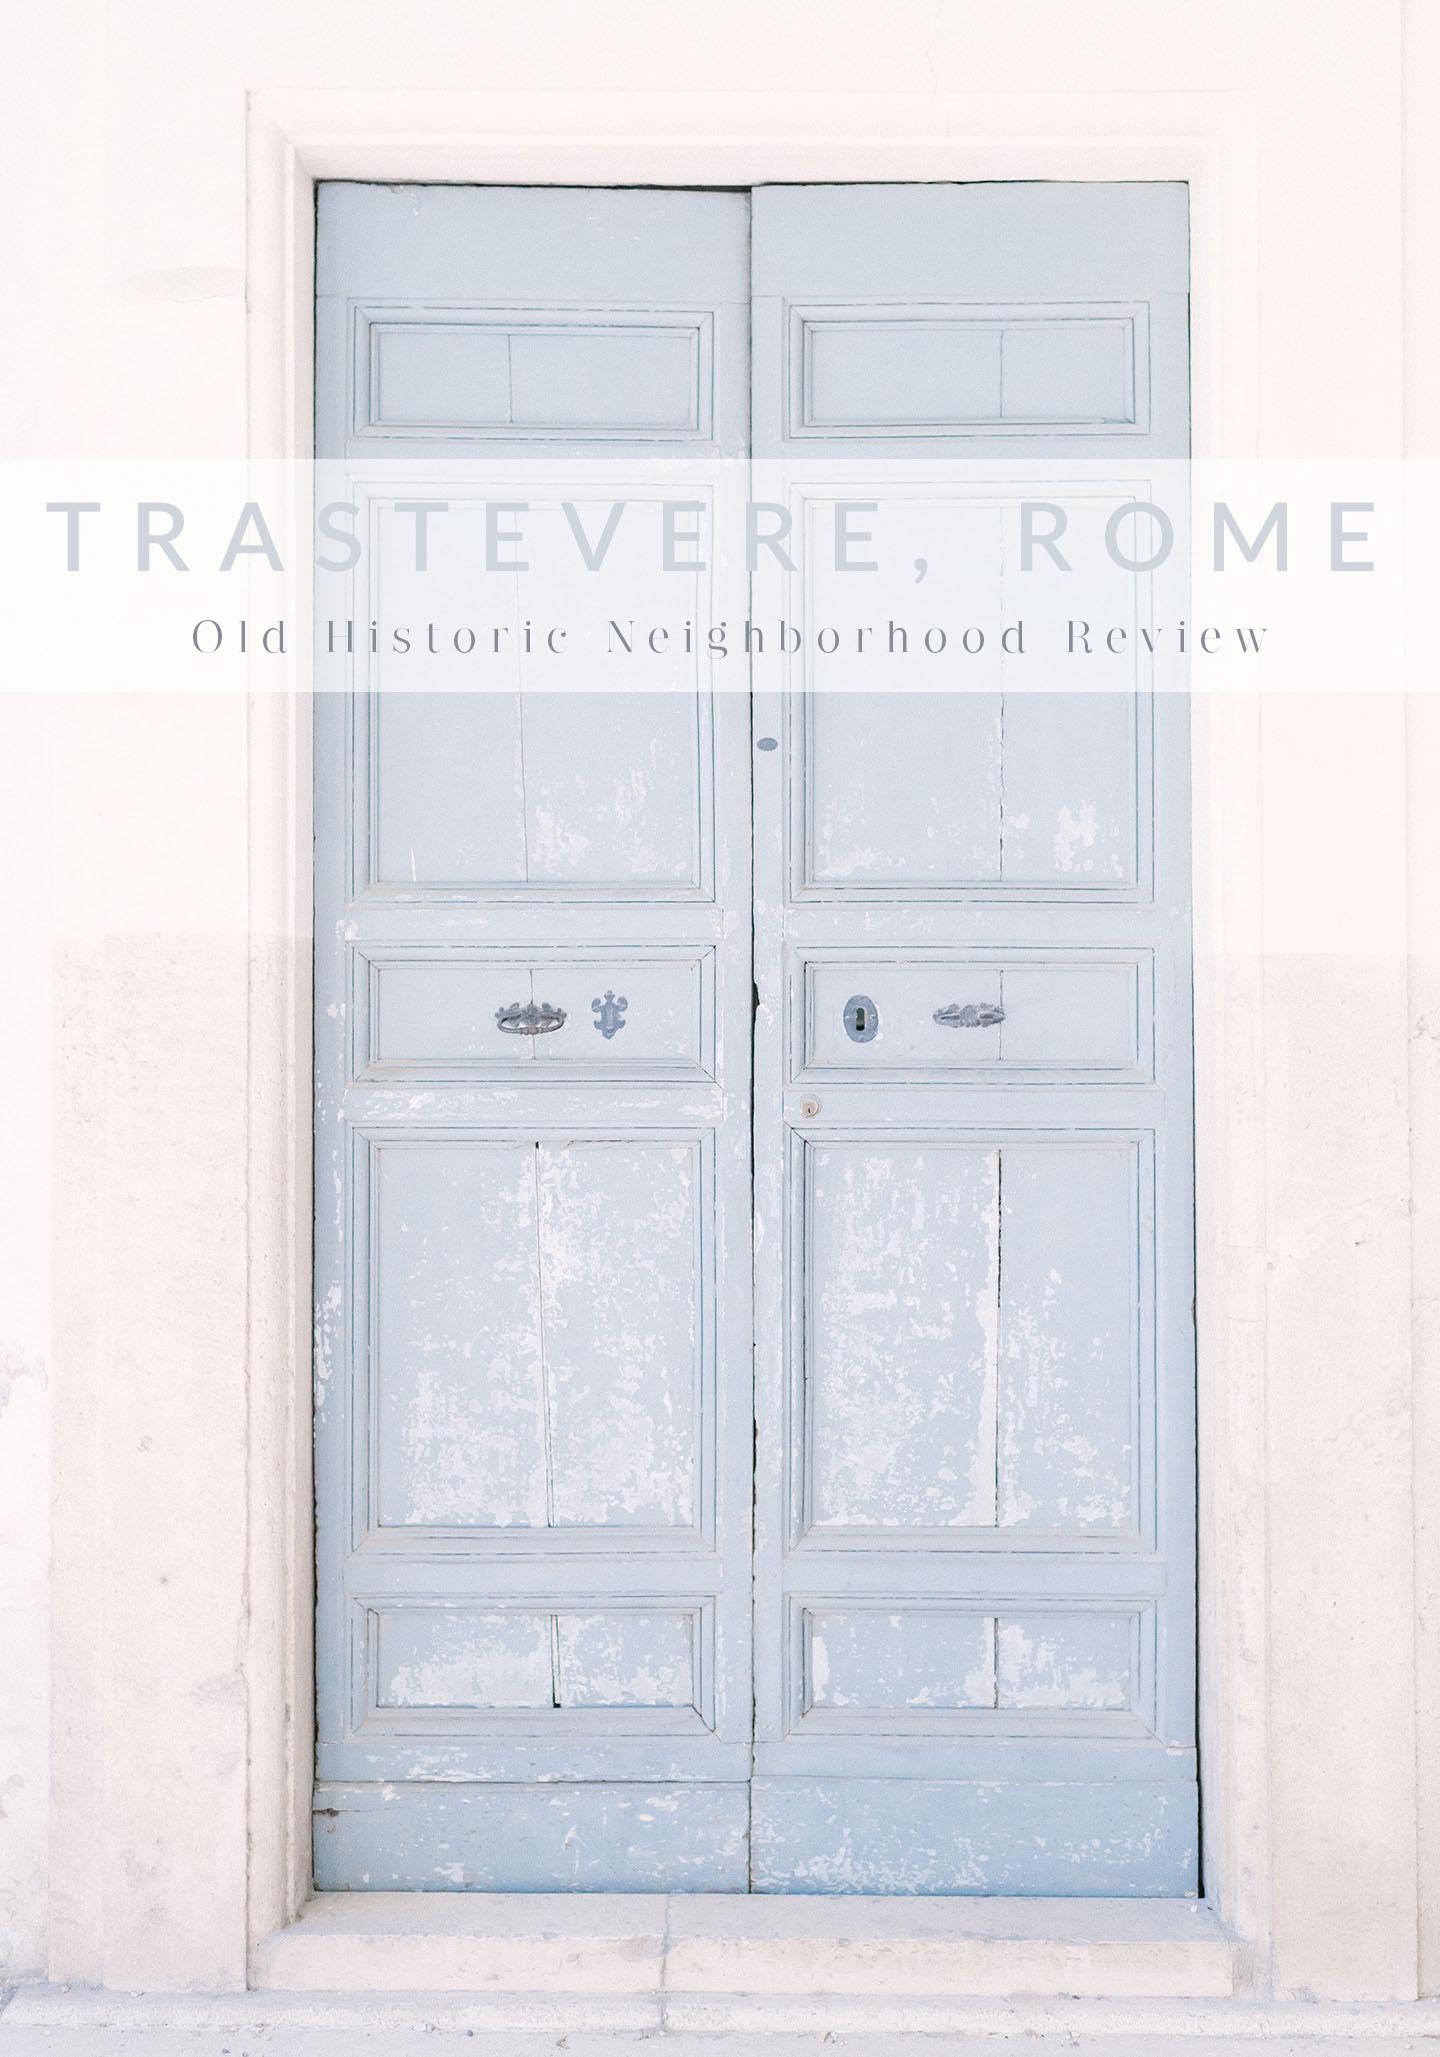 Trastevere, Rome Neighborhood Review